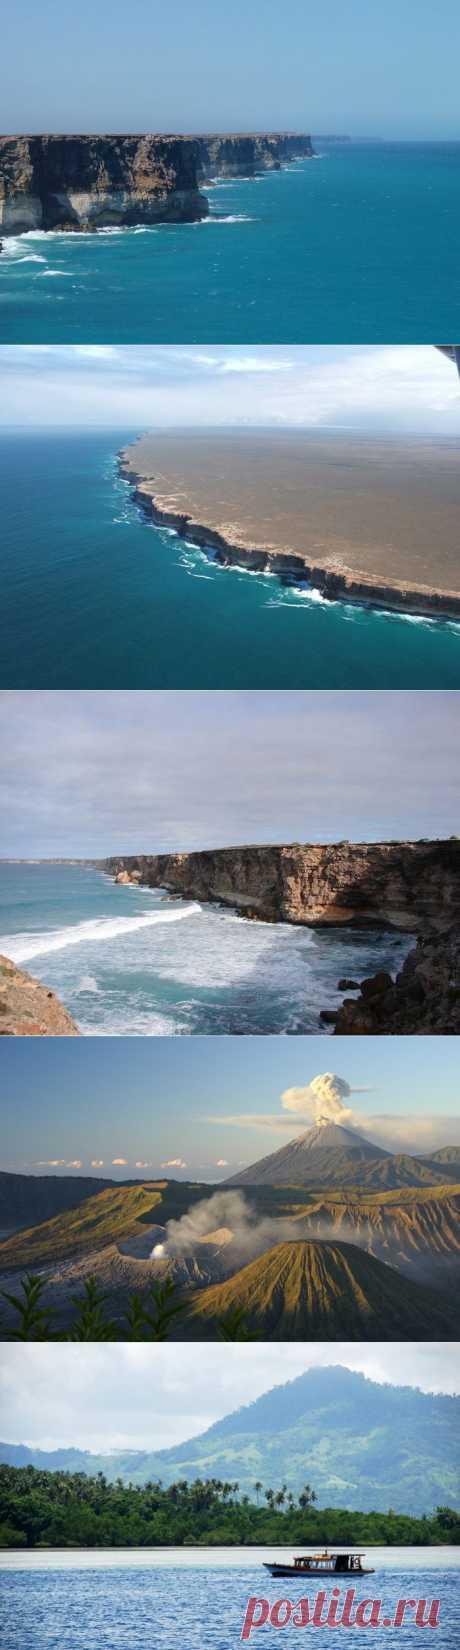 красивые пейзажи фото - Самое интересное в блогах